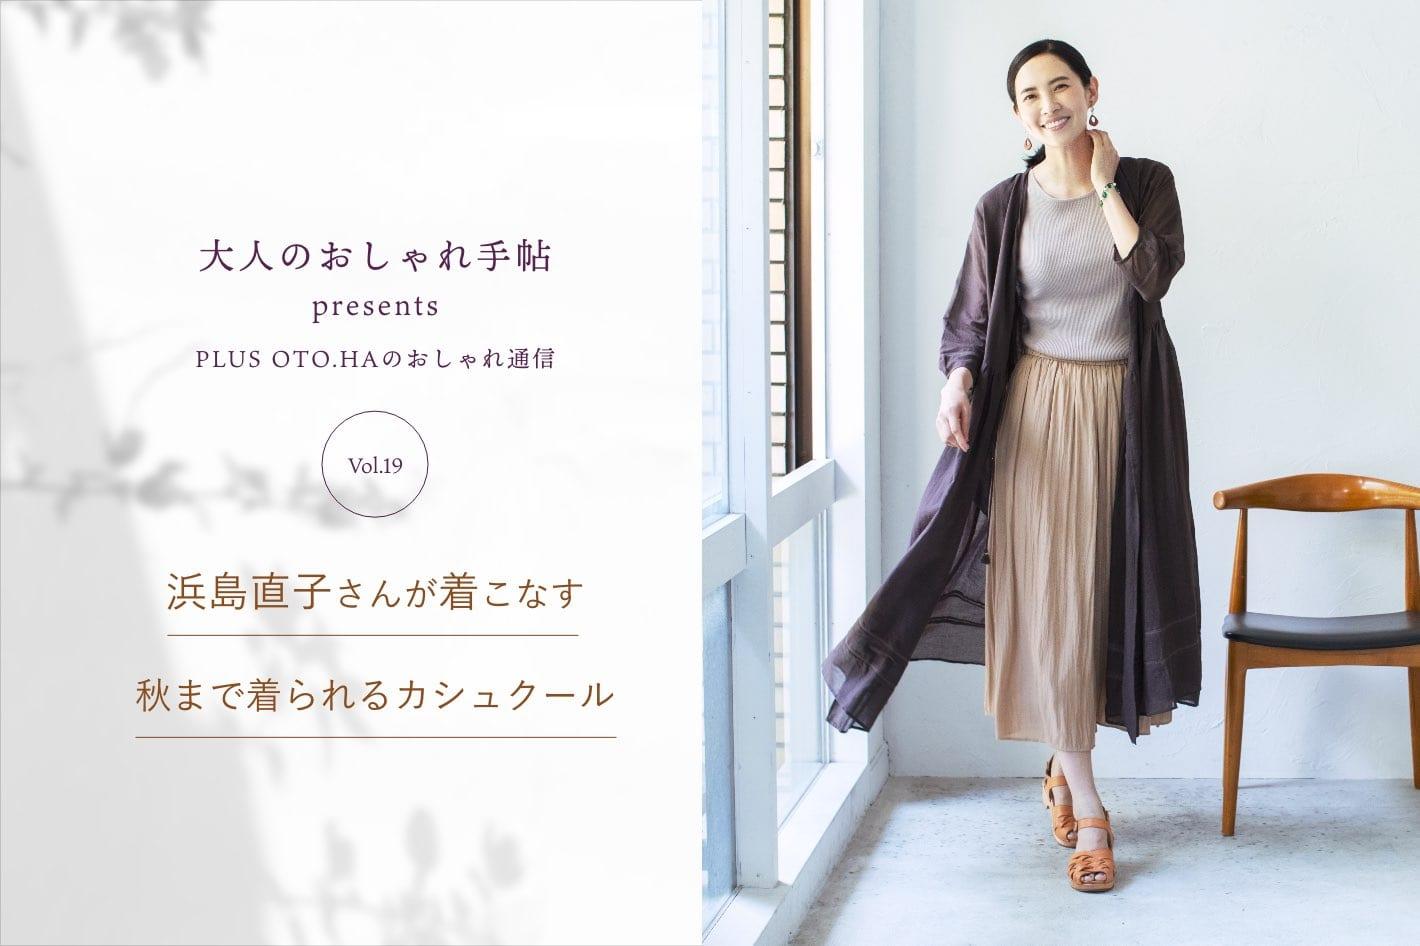 PLUS OTO.HA 大人のおしゃれ手帖 presents PLUS OTO.HAのおしゃれ通信 vol.19公開!